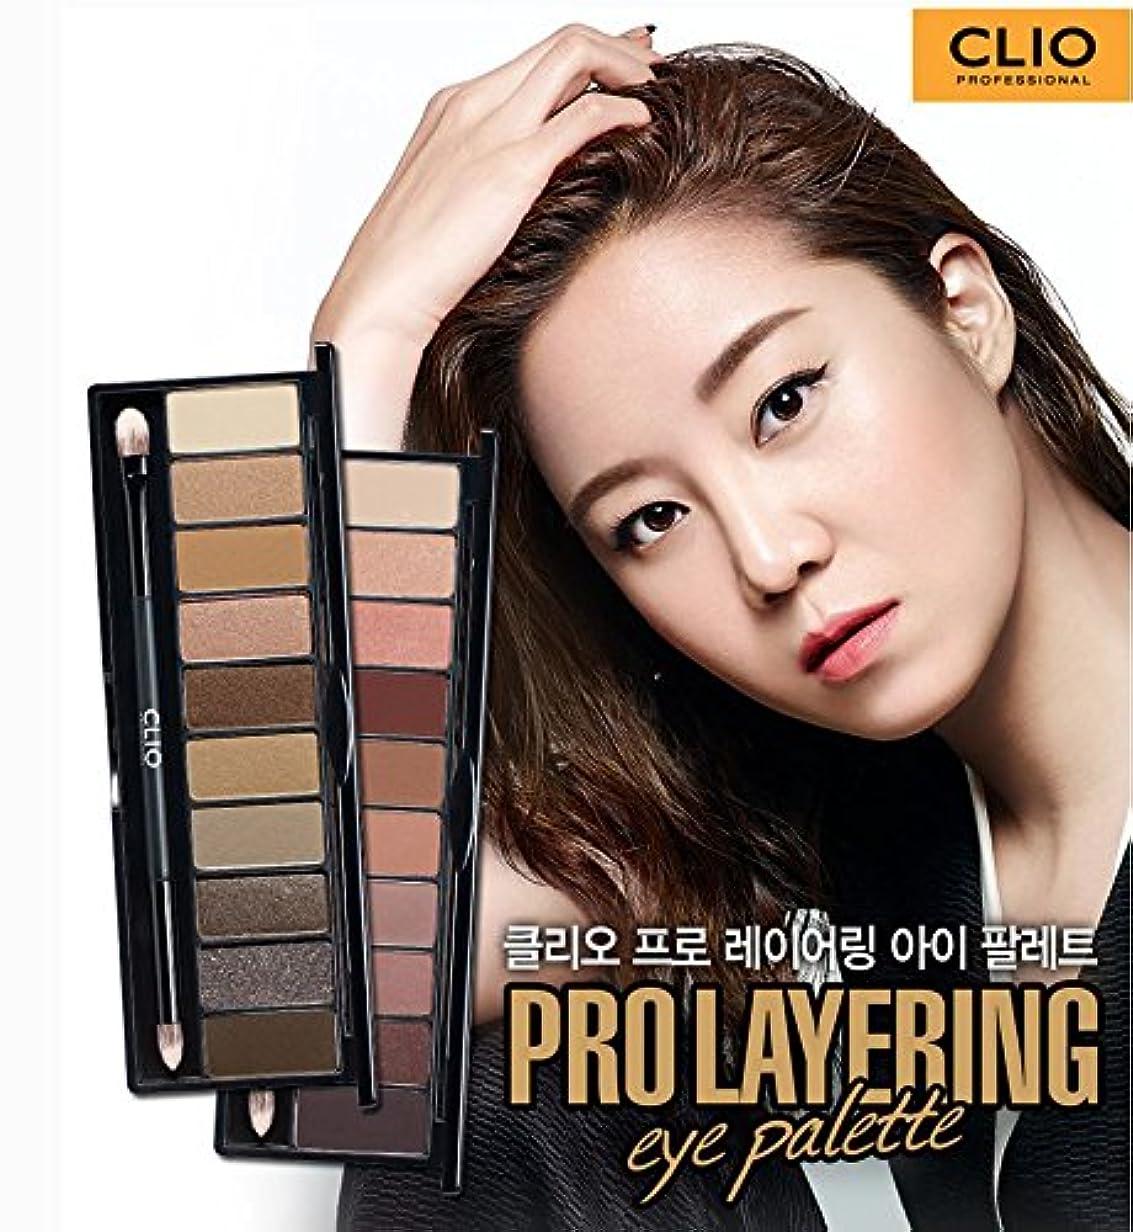 汚染するお金ゴムリベラルClio Eye Shadow 10Colors Pro Layering Eye Palette Makeup/[韓国コスメ CLIO] プロ レイヤーリング アイ?パレット (#2 Handcraft) [並行輸入品]